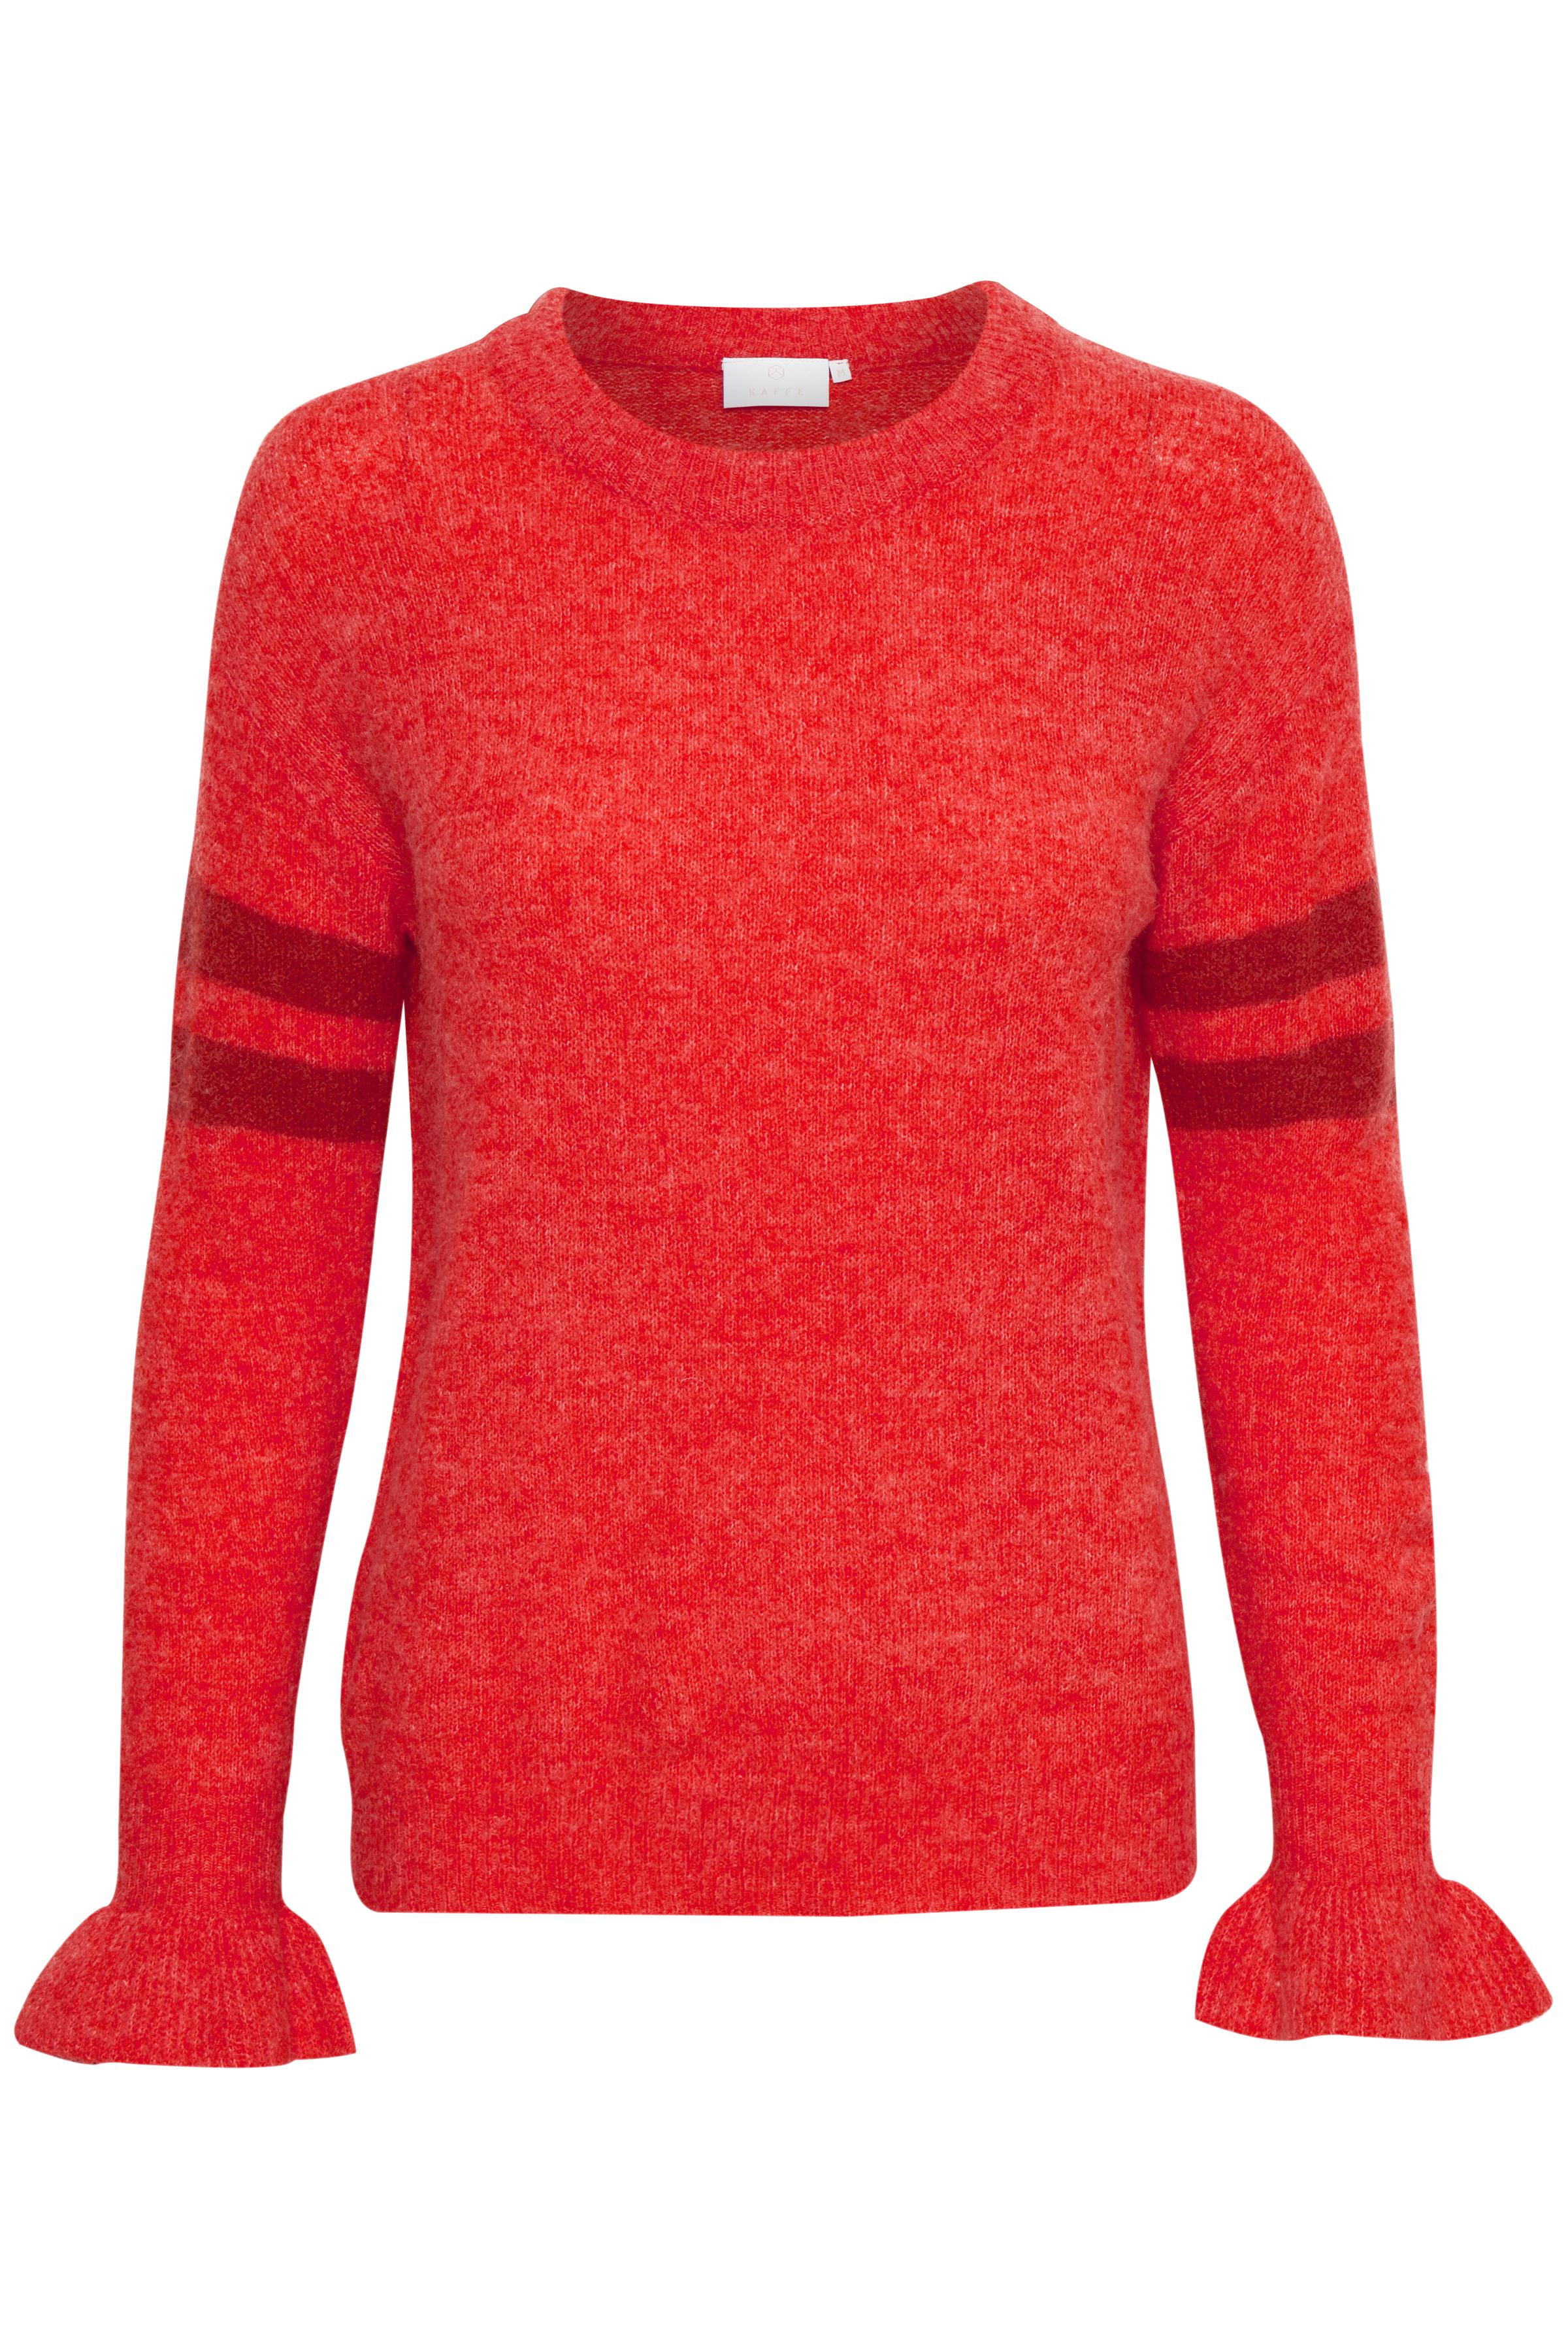 Rood Gebreide pullover van Kaffe – Door Rood Gebreide pullover van maat. XS-XXL hier